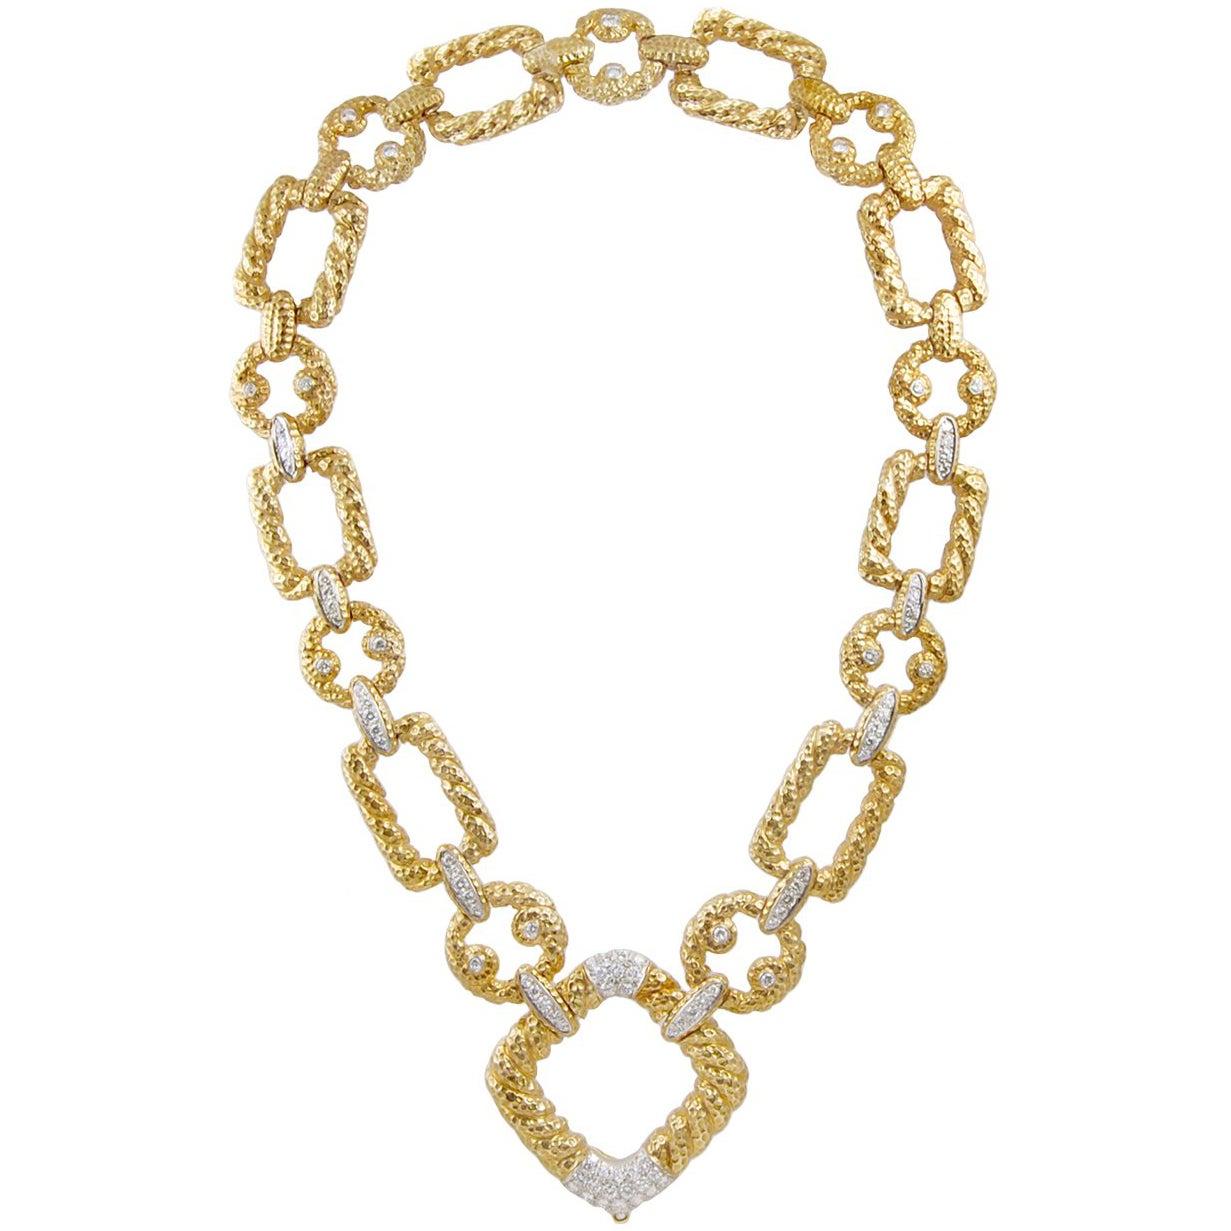 Van Cleef & Arpels Diamond Link Necklace